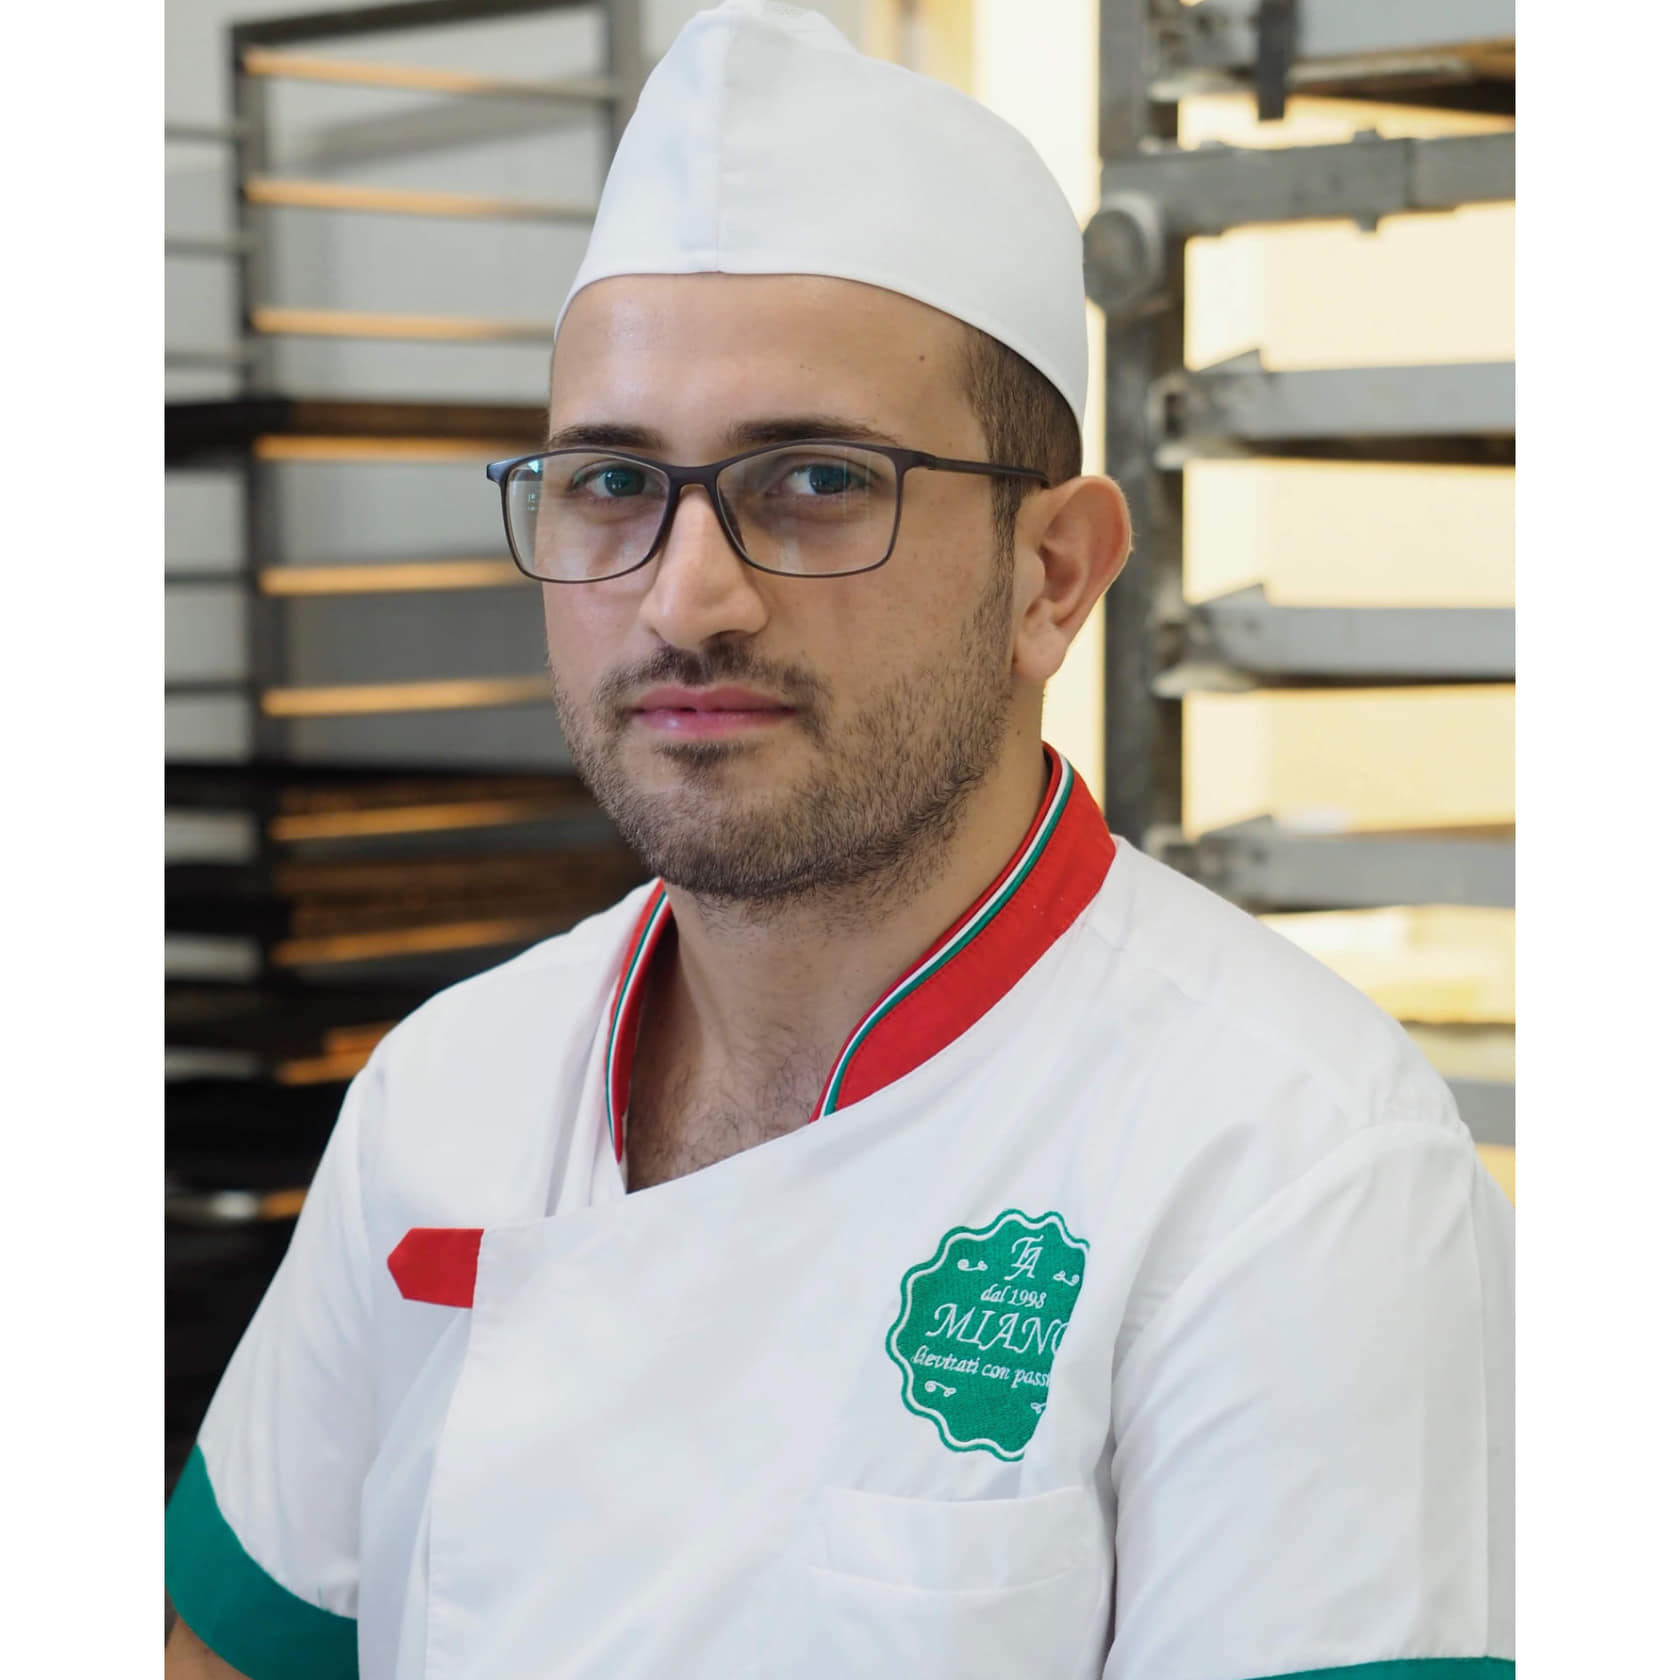 Federico Miano diventa vero Bakery Chef quando incontra il lievito madre e se innamora | Sicilia da Gustare